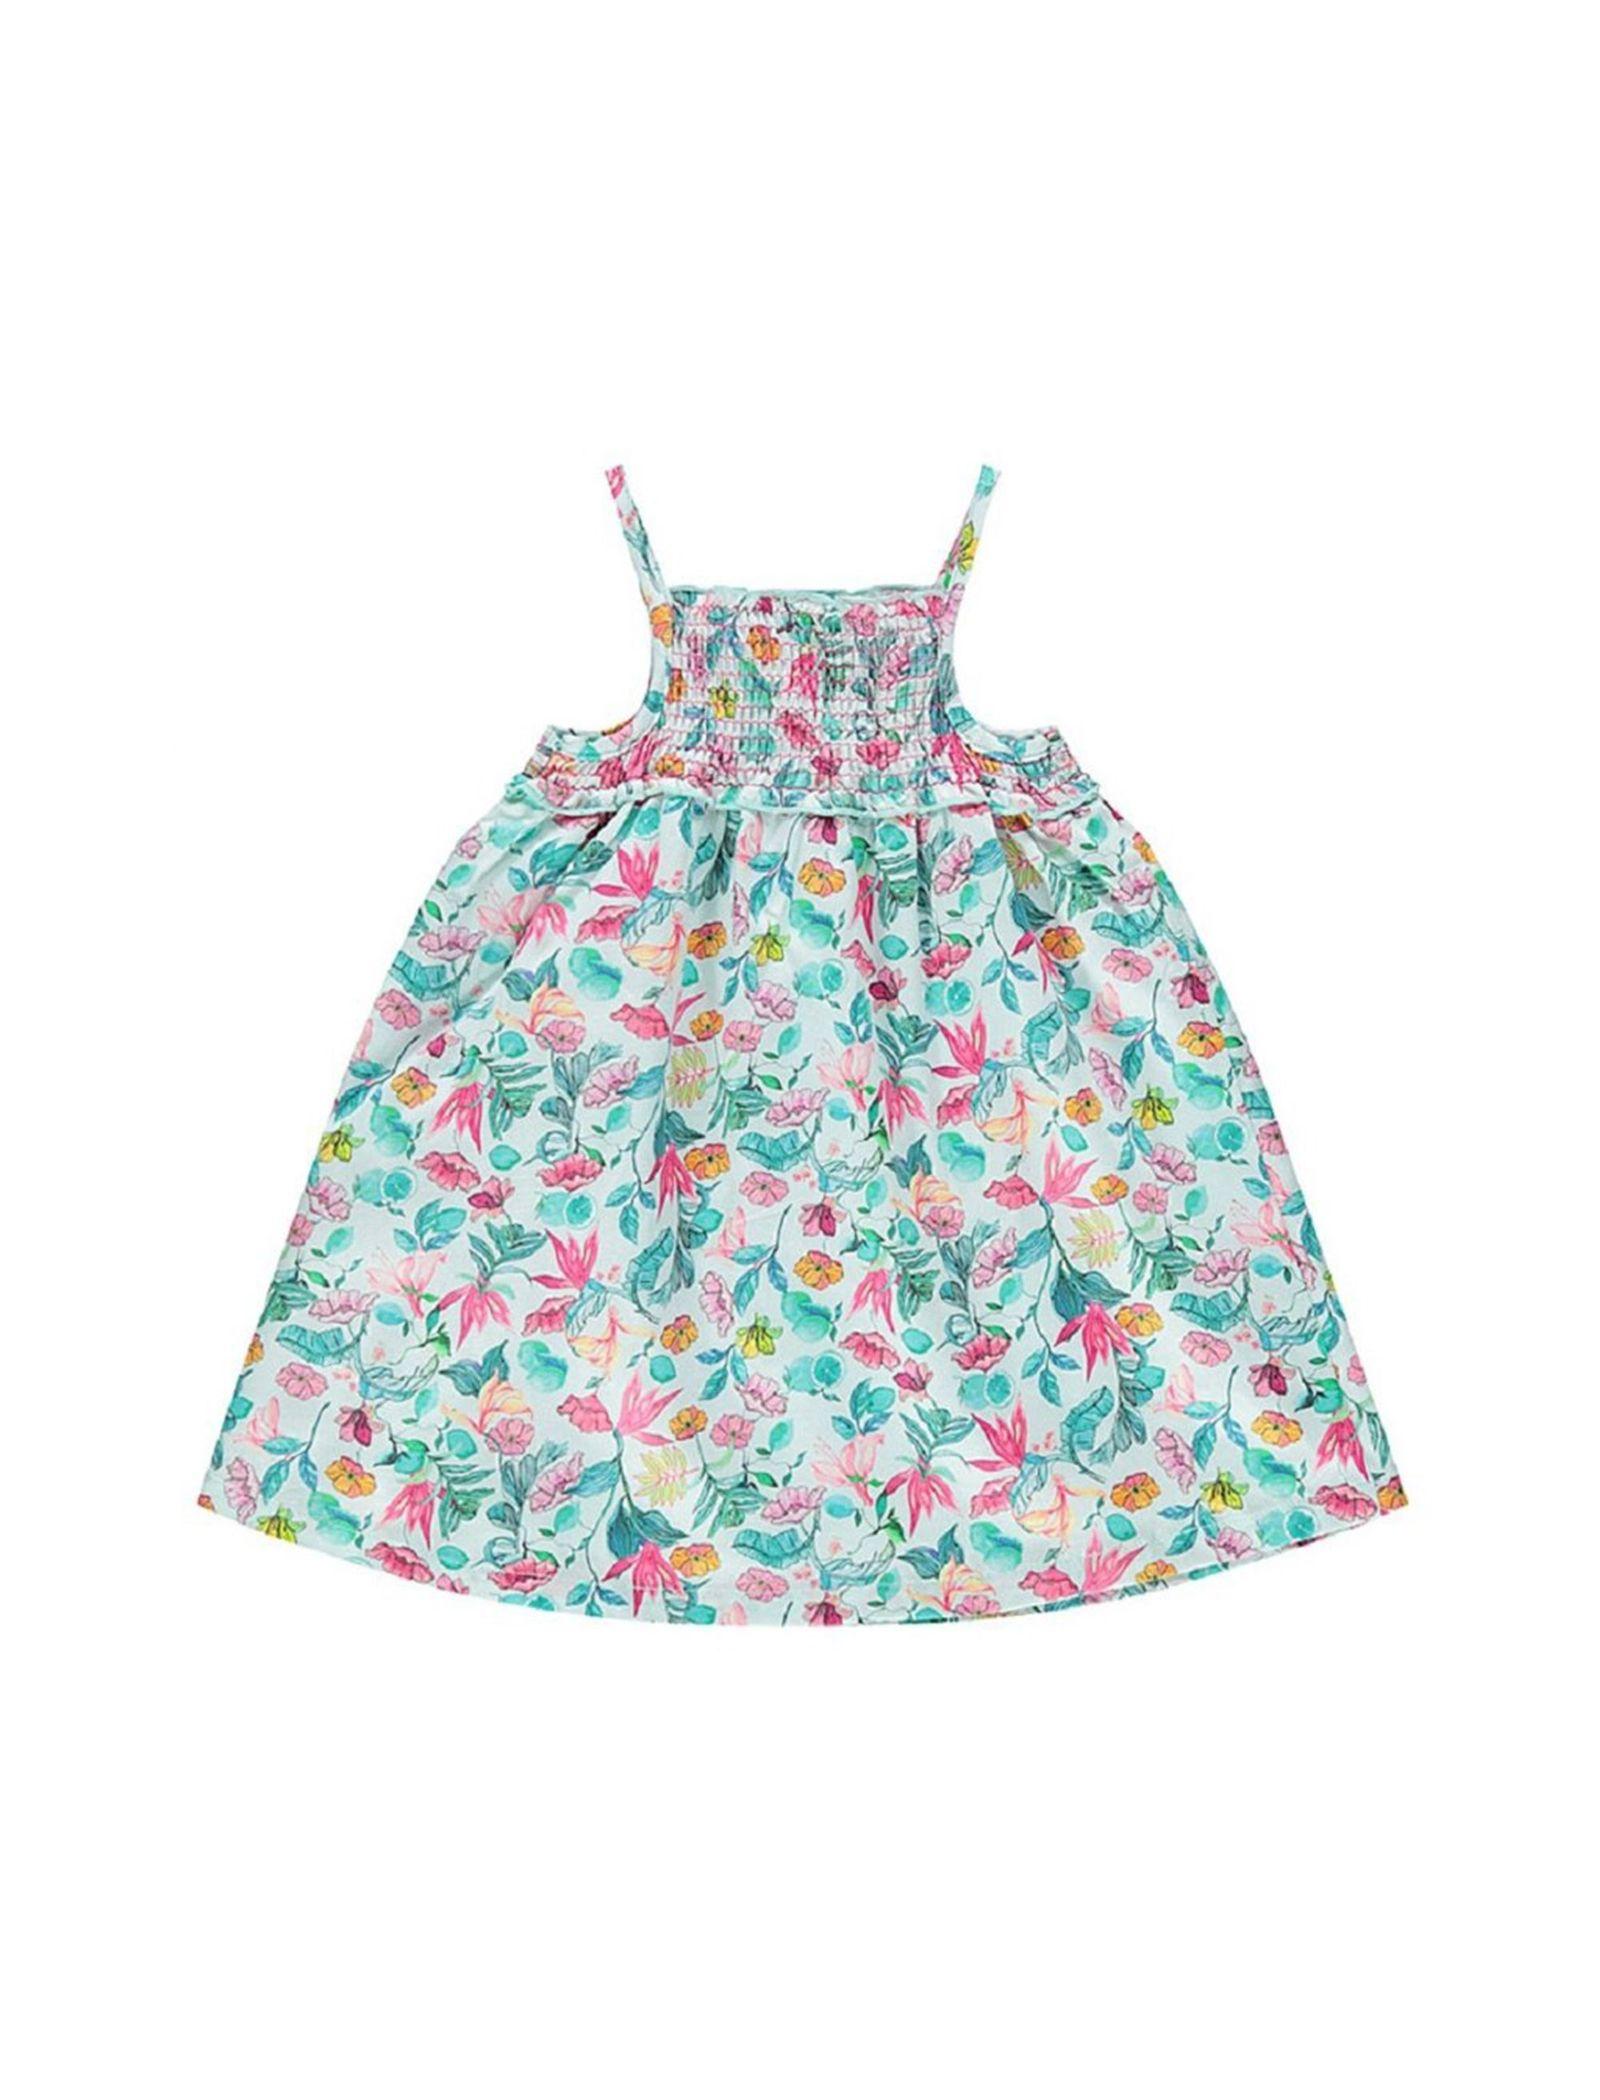 پیراهن نخی بدون آستین نوزادی دخترانه - ارکسترا - سبز روشن - 1